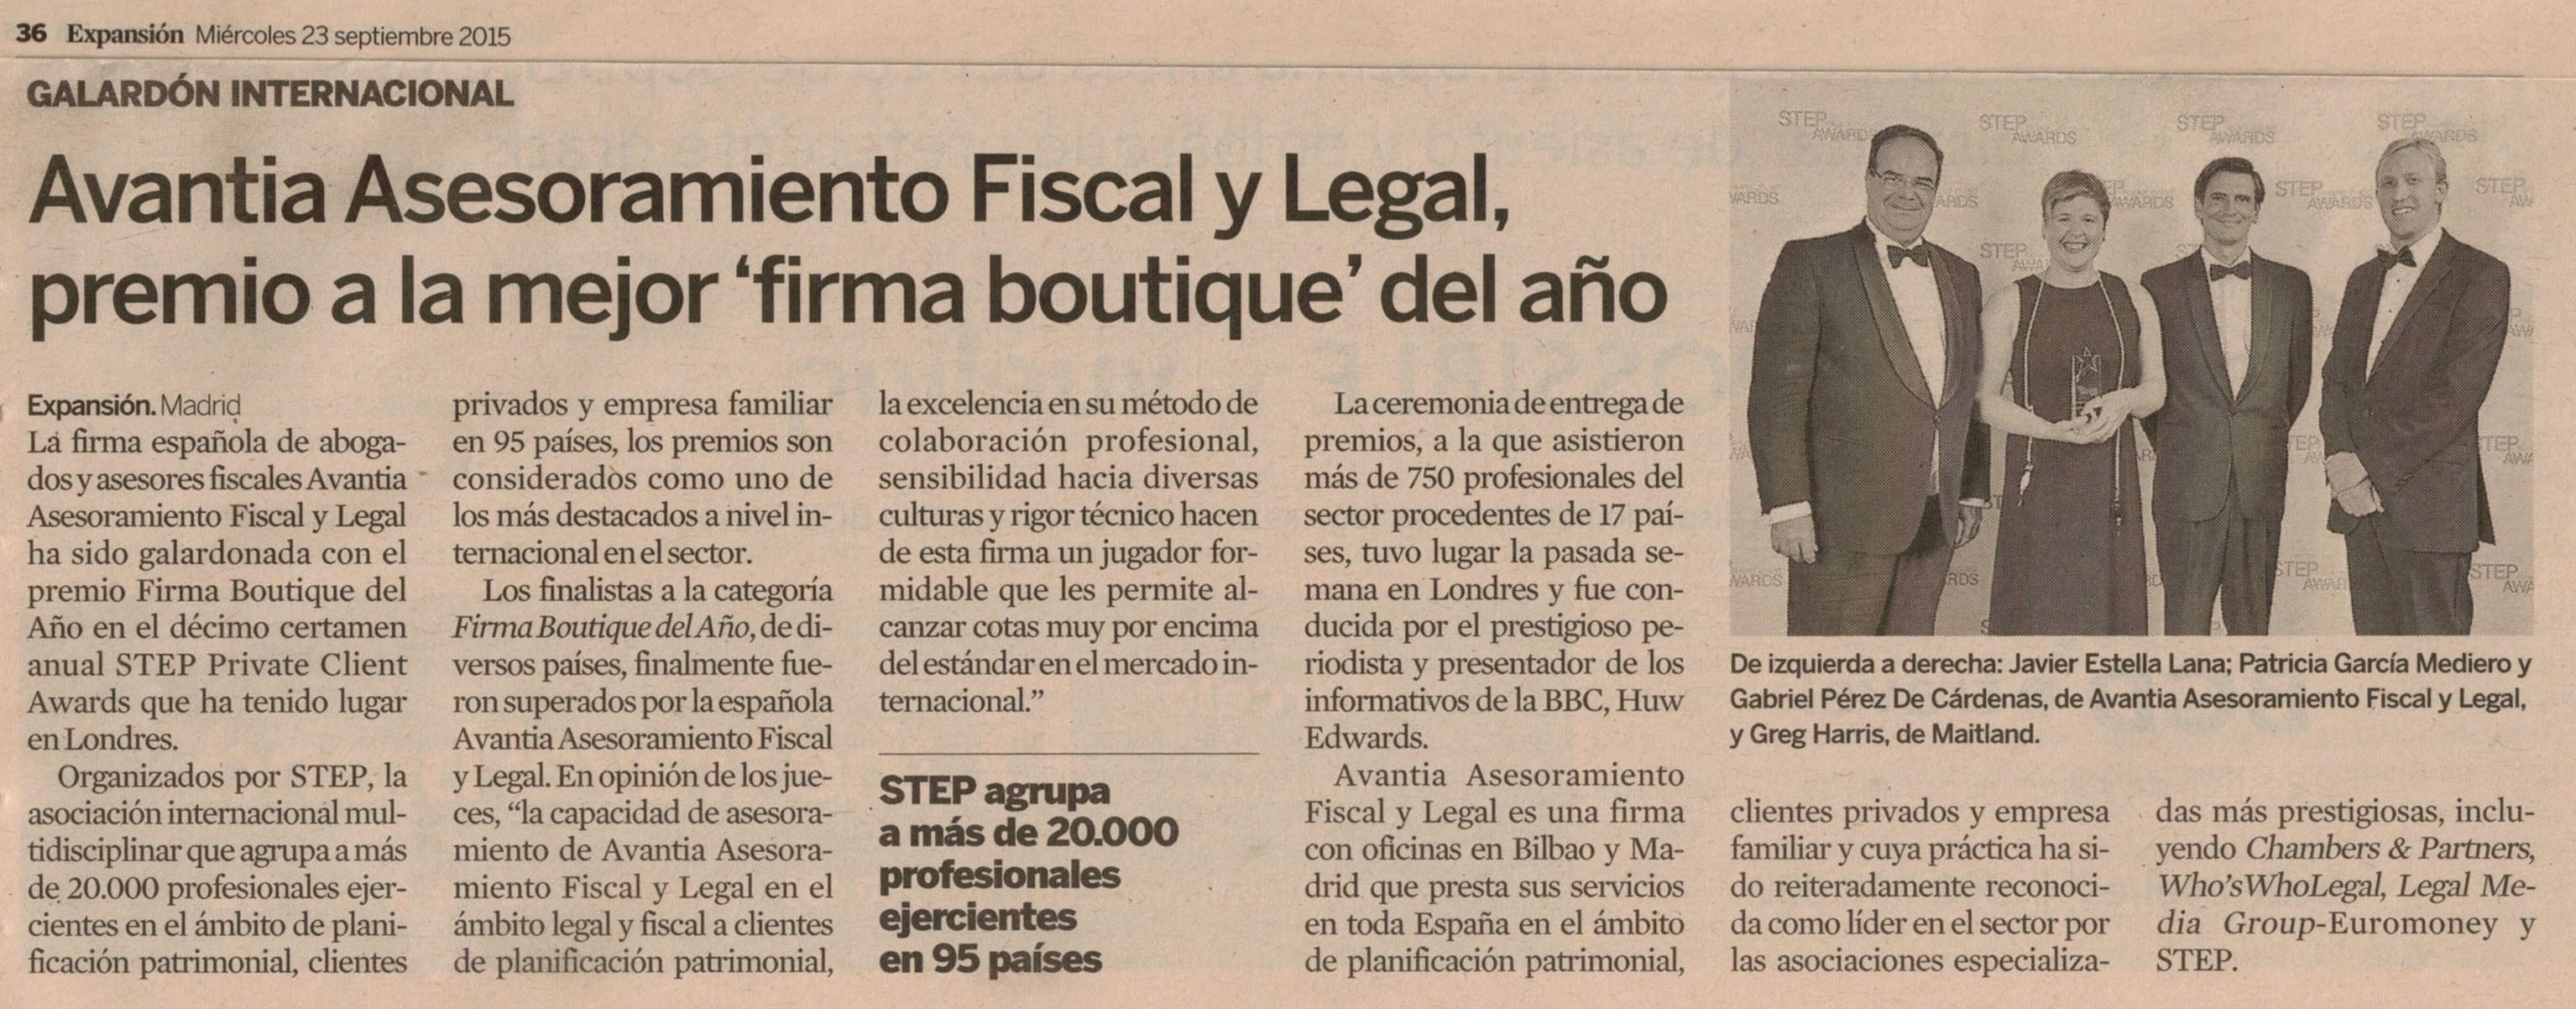 Prensa- Avantia Asesoramiento Fiscal y Legal, premio a la mejor 'firma boutique' del año [Expansión]